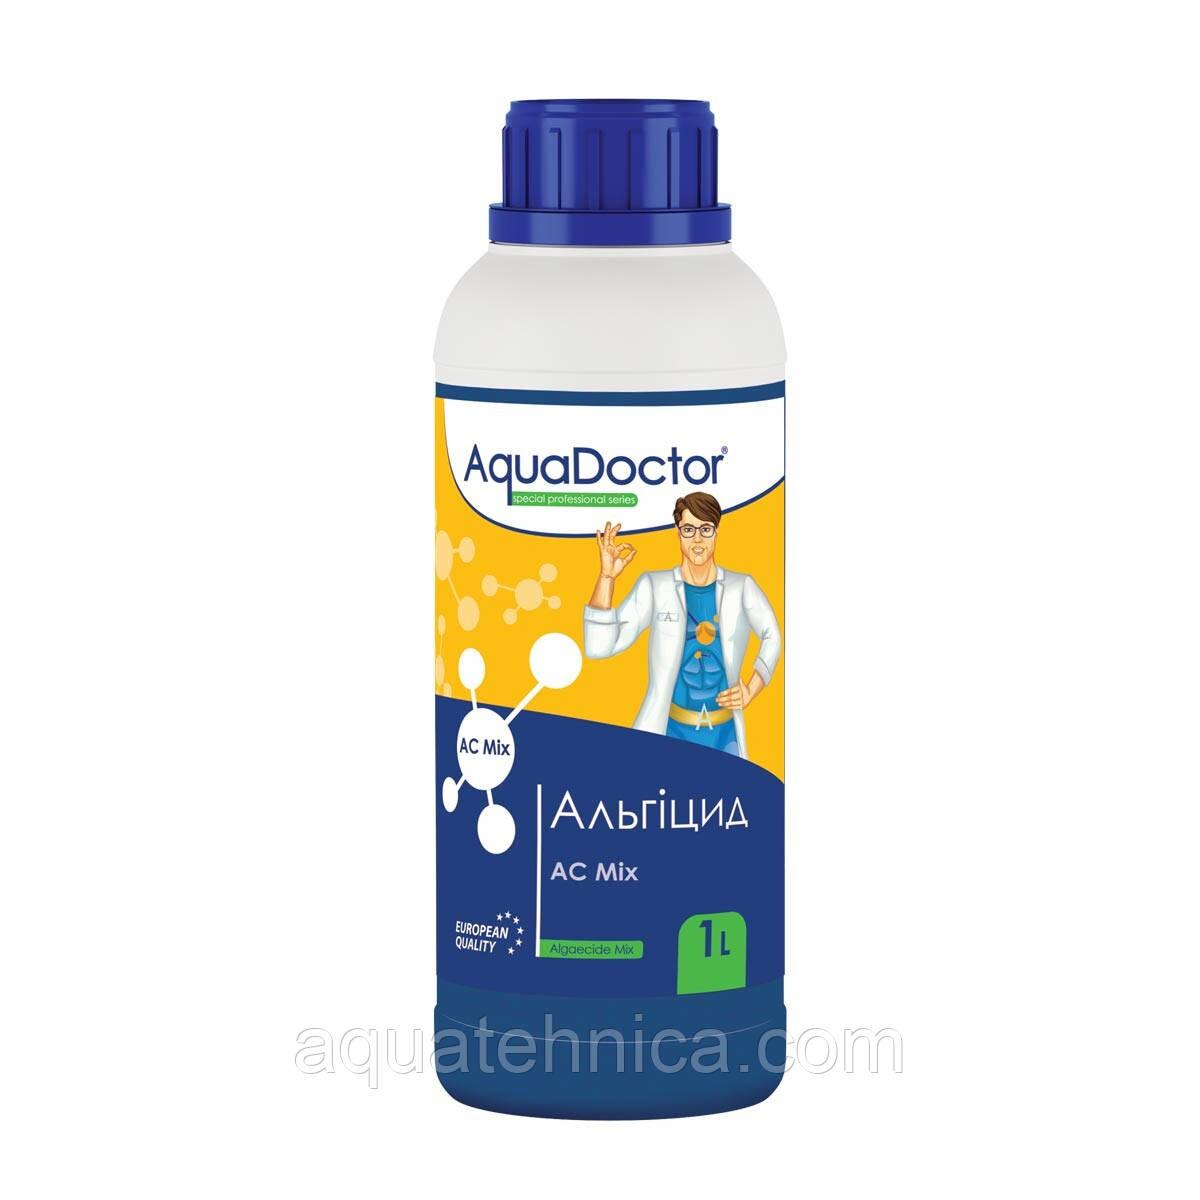 Альгіцид Aquadoctor AC mix 1 літр засіб проти водоростей для басейну